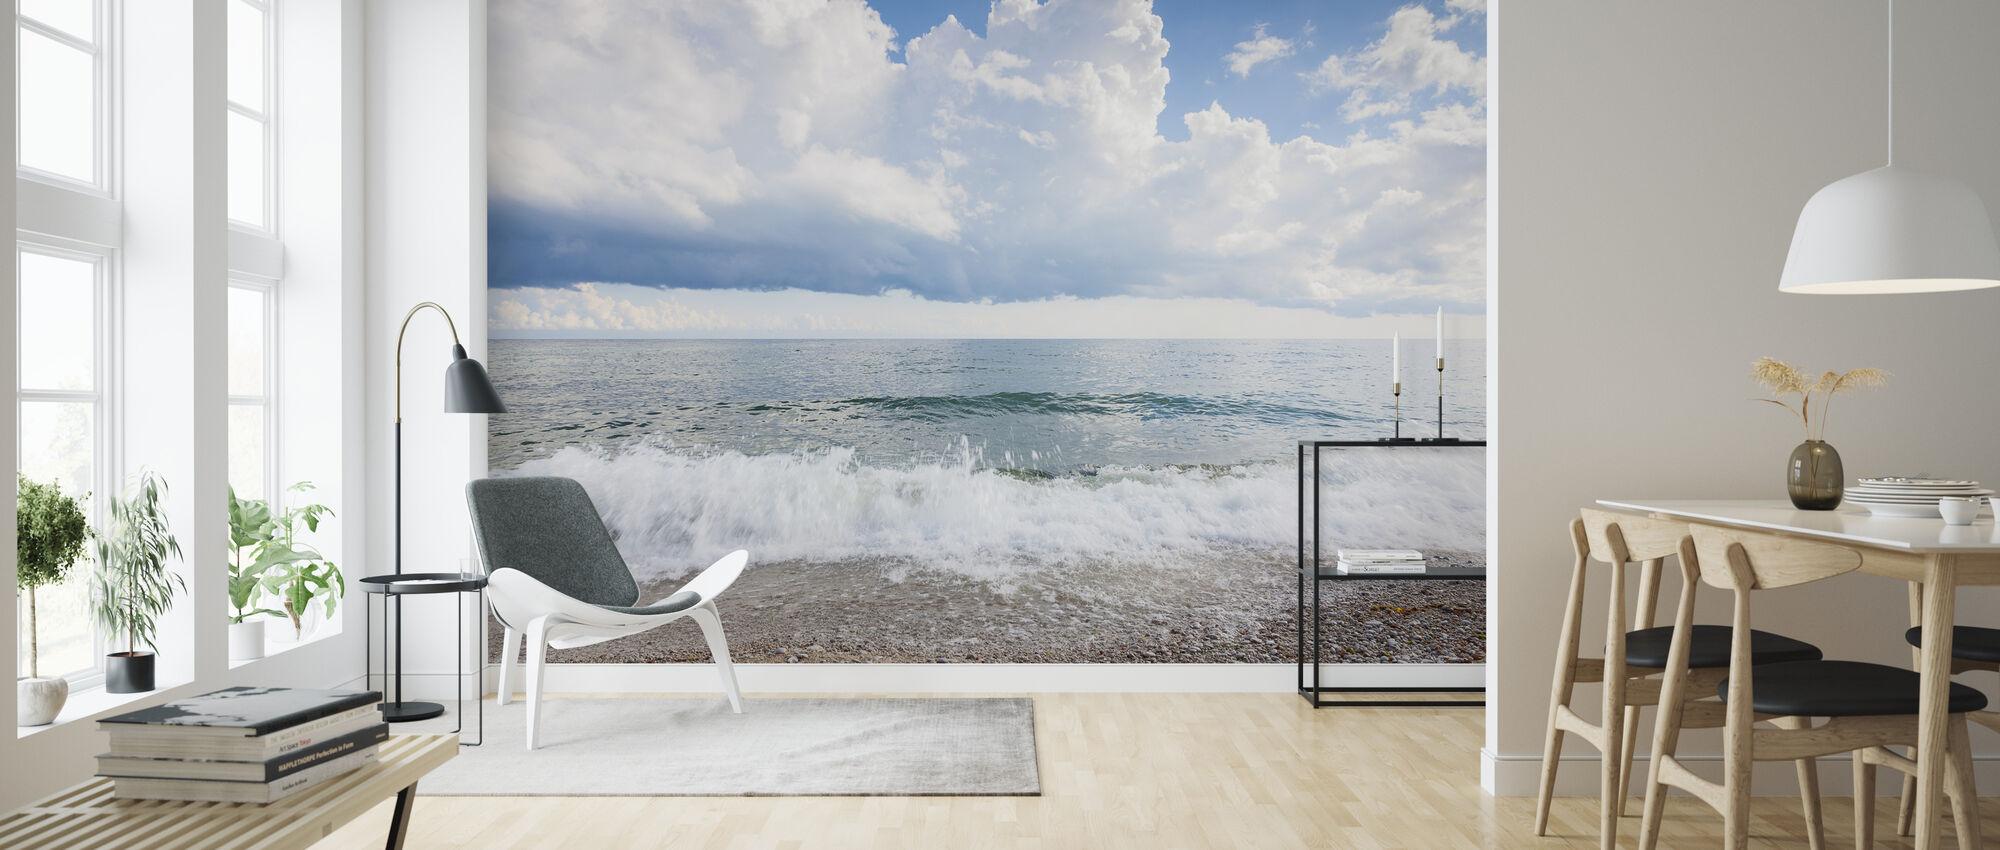 White Waves - Wallpaper - Living Room